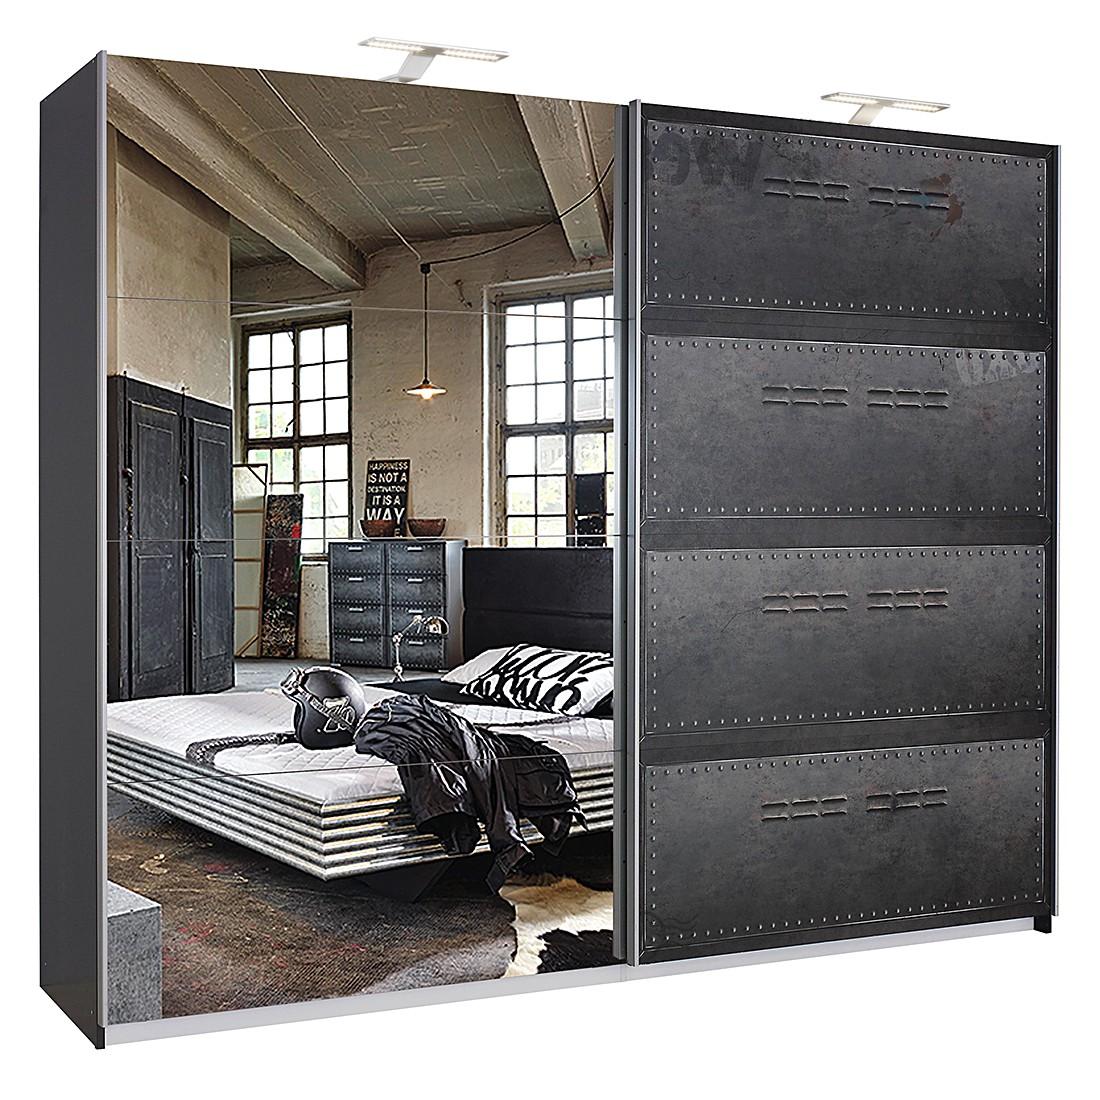 Draaideurkast Workbase - industrial print look/grafietkleurig - Met verlichting - 225cm (2-deurs), Rauch Select